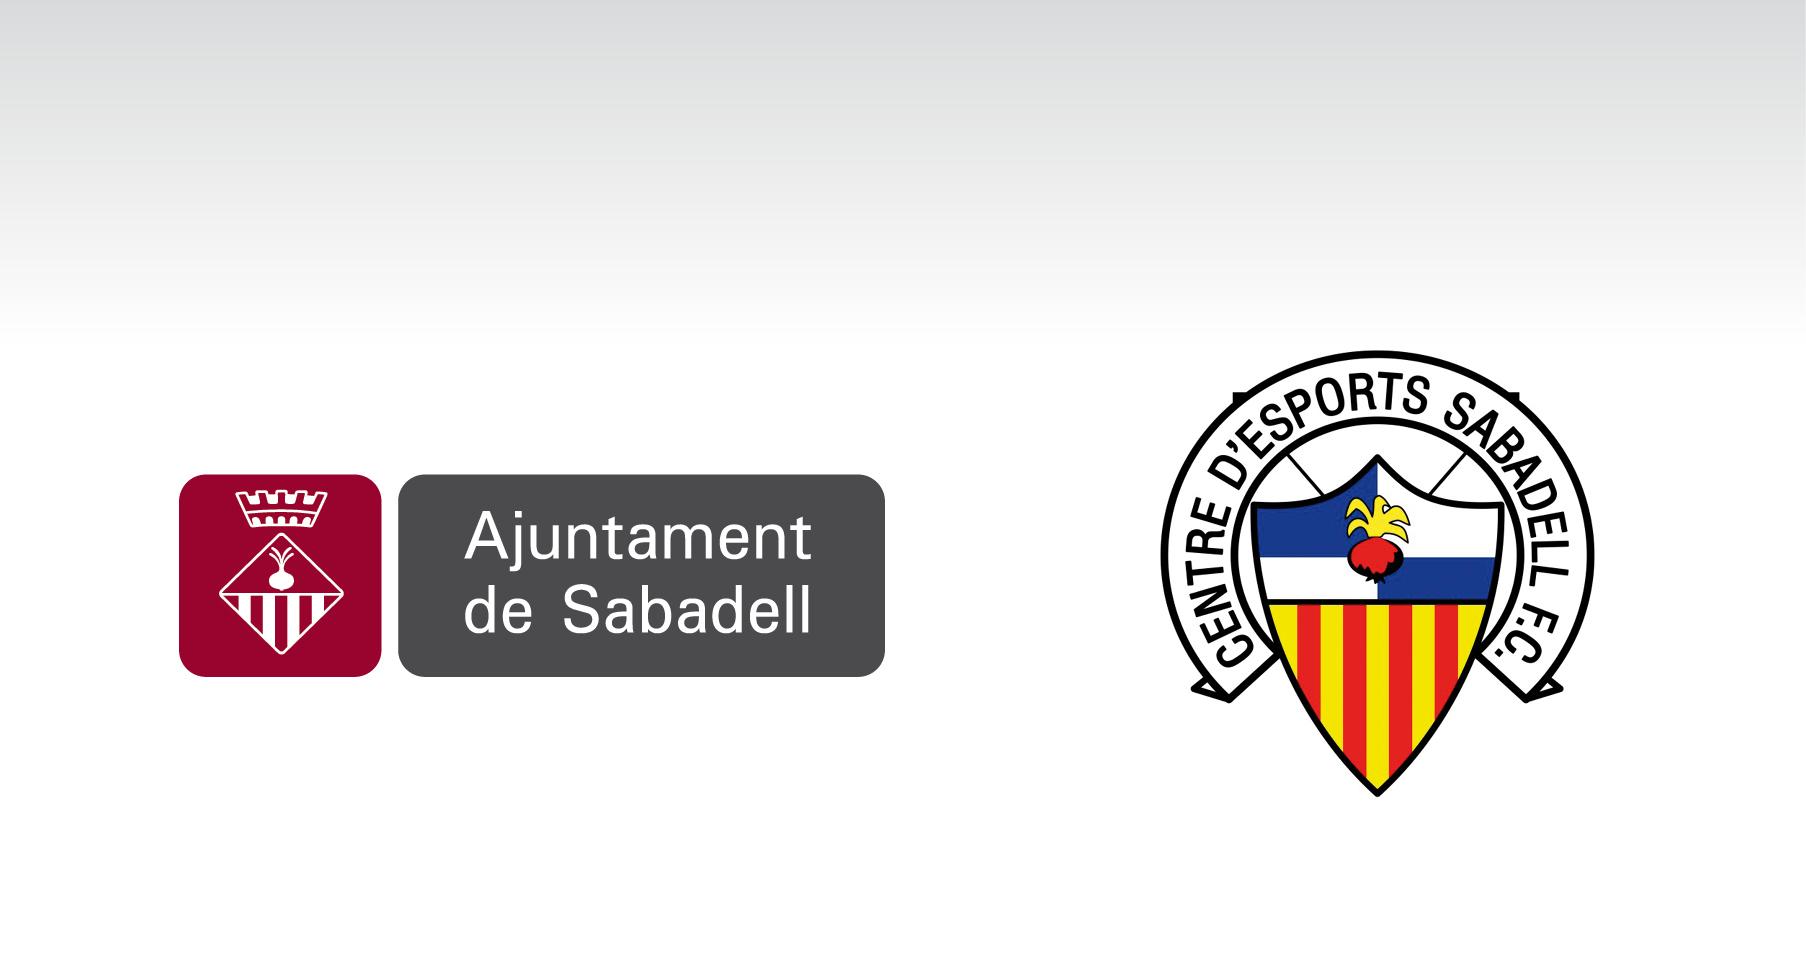 Després de l'ascens d'ahir del Centre d'Esports Sabadell FC a Segona Divisió A, l'Ajuntament de Sabadell i el Centre d'Esports Sabadell fan el següent comunicat conjunt